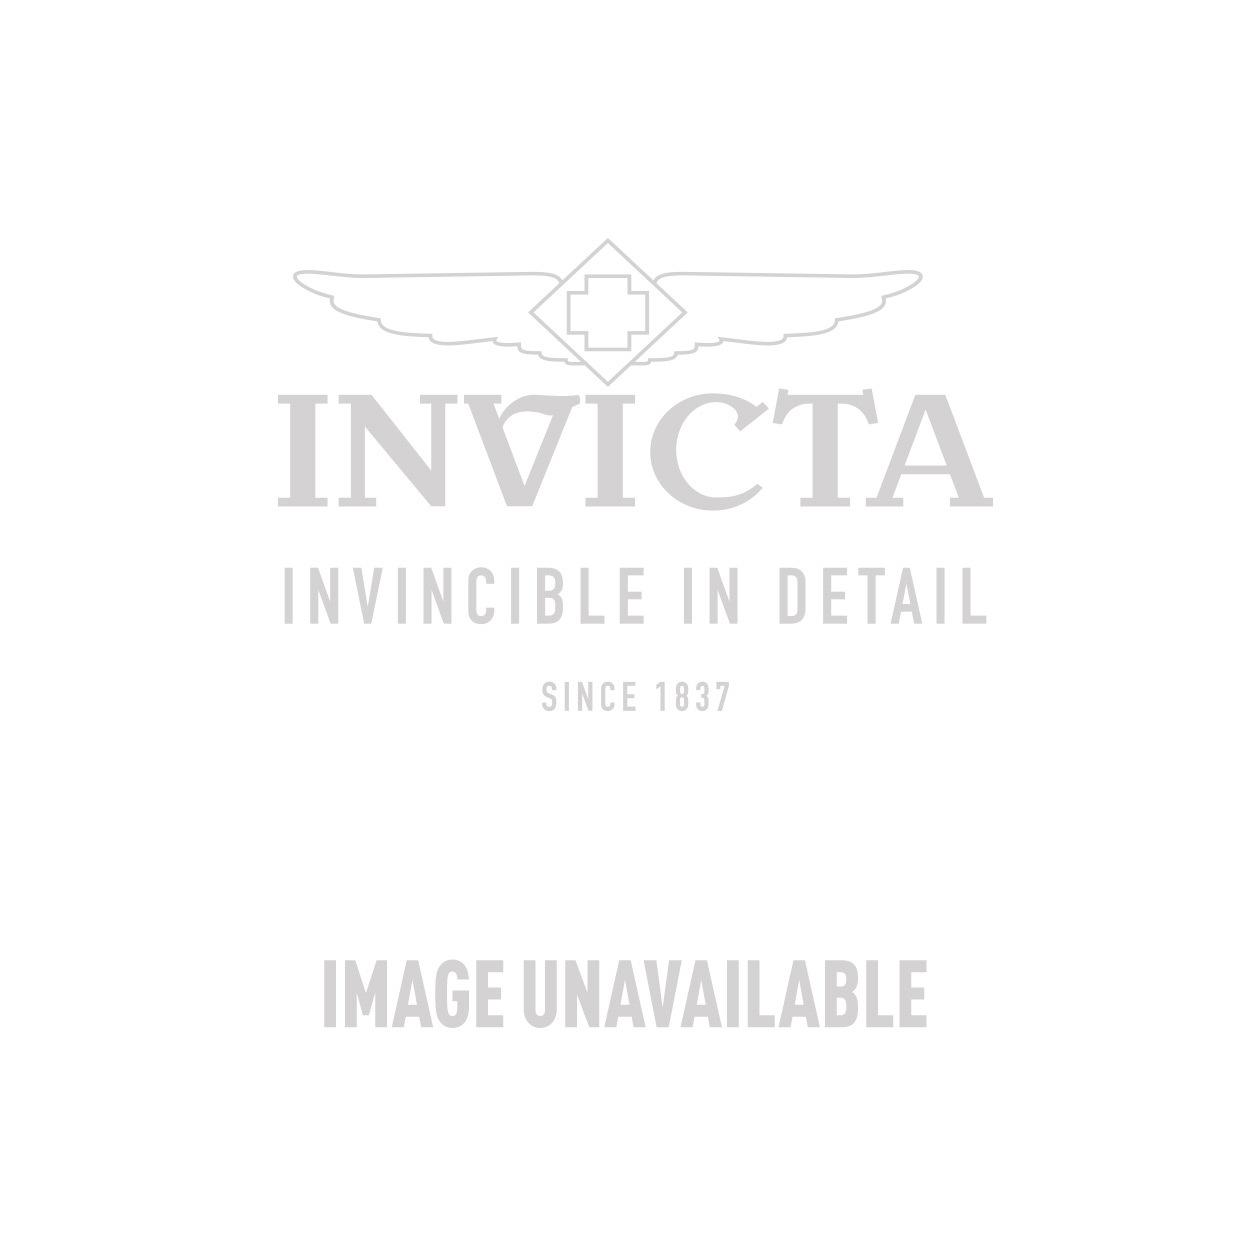 Invicta Model 23953